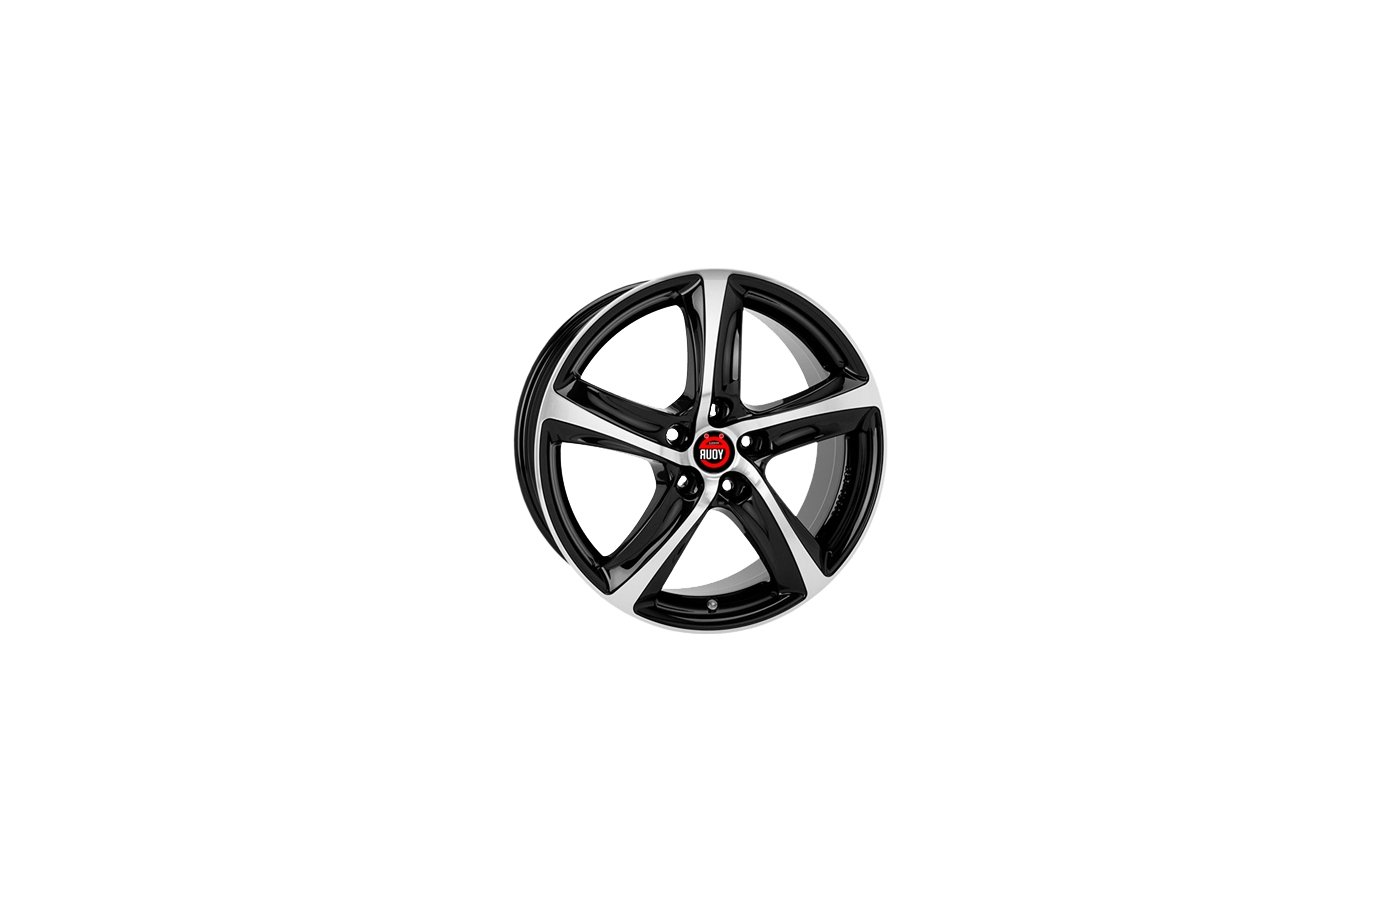 Диск Ё-wheels E09 6x15/4x100 D54.1 ET48 MBF